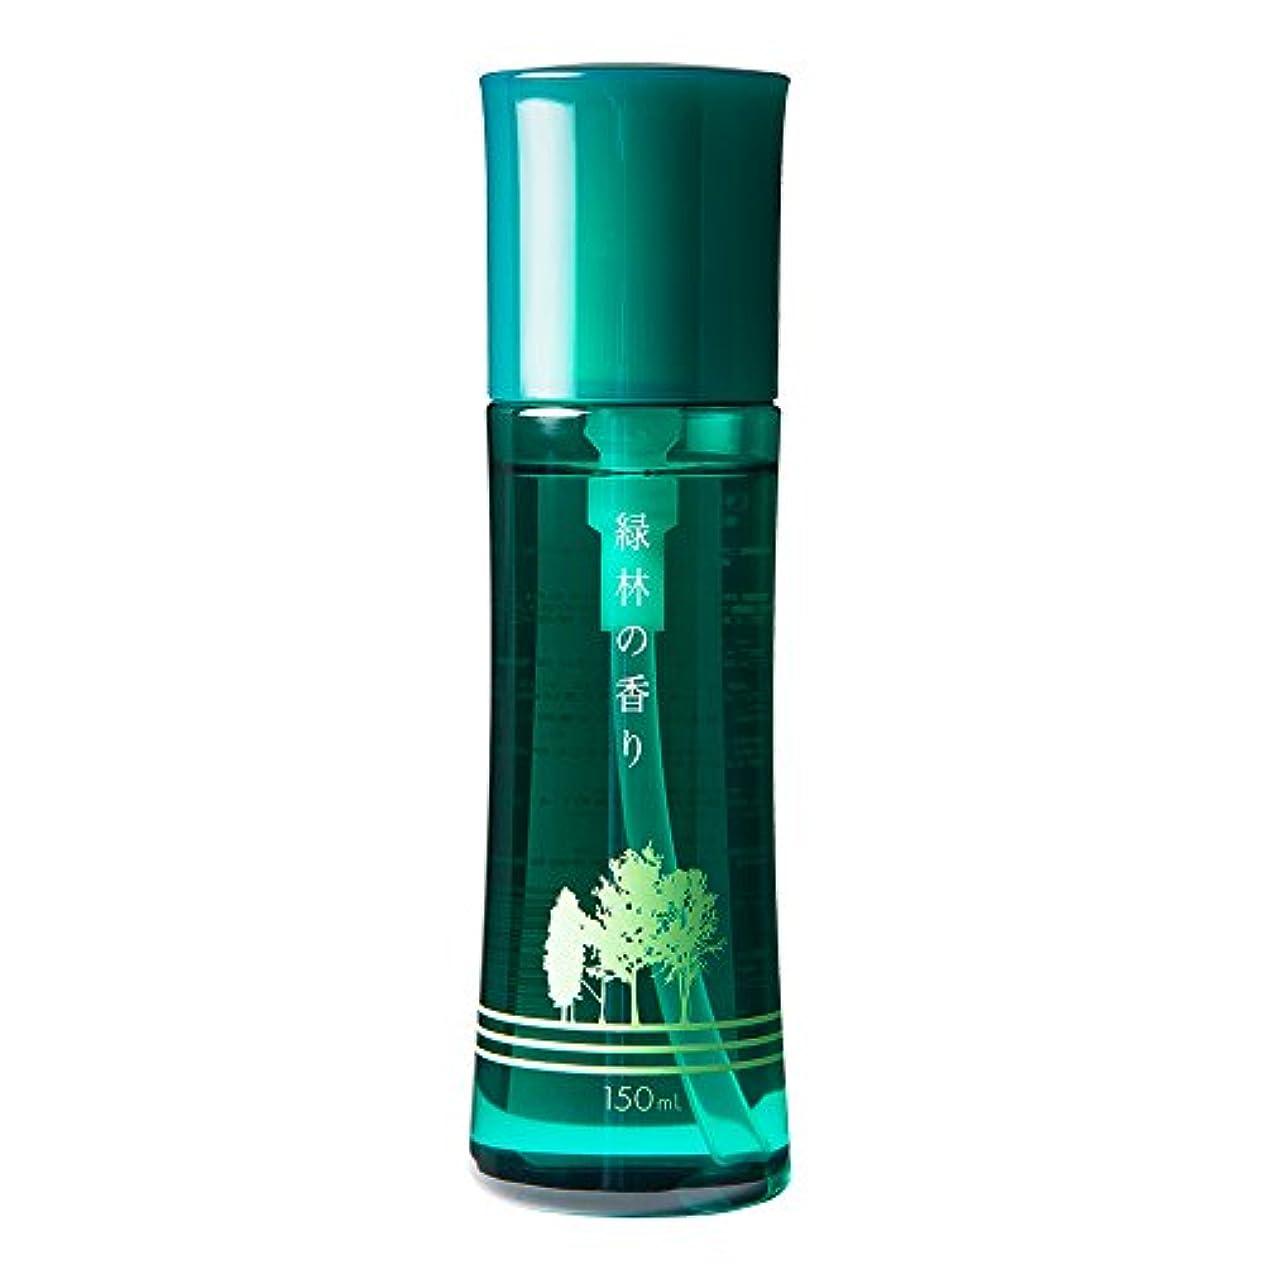 キャンパス会うほとんどない芳香剤「緑林の香り(みどりの香り)」150mL 日本予防医薬